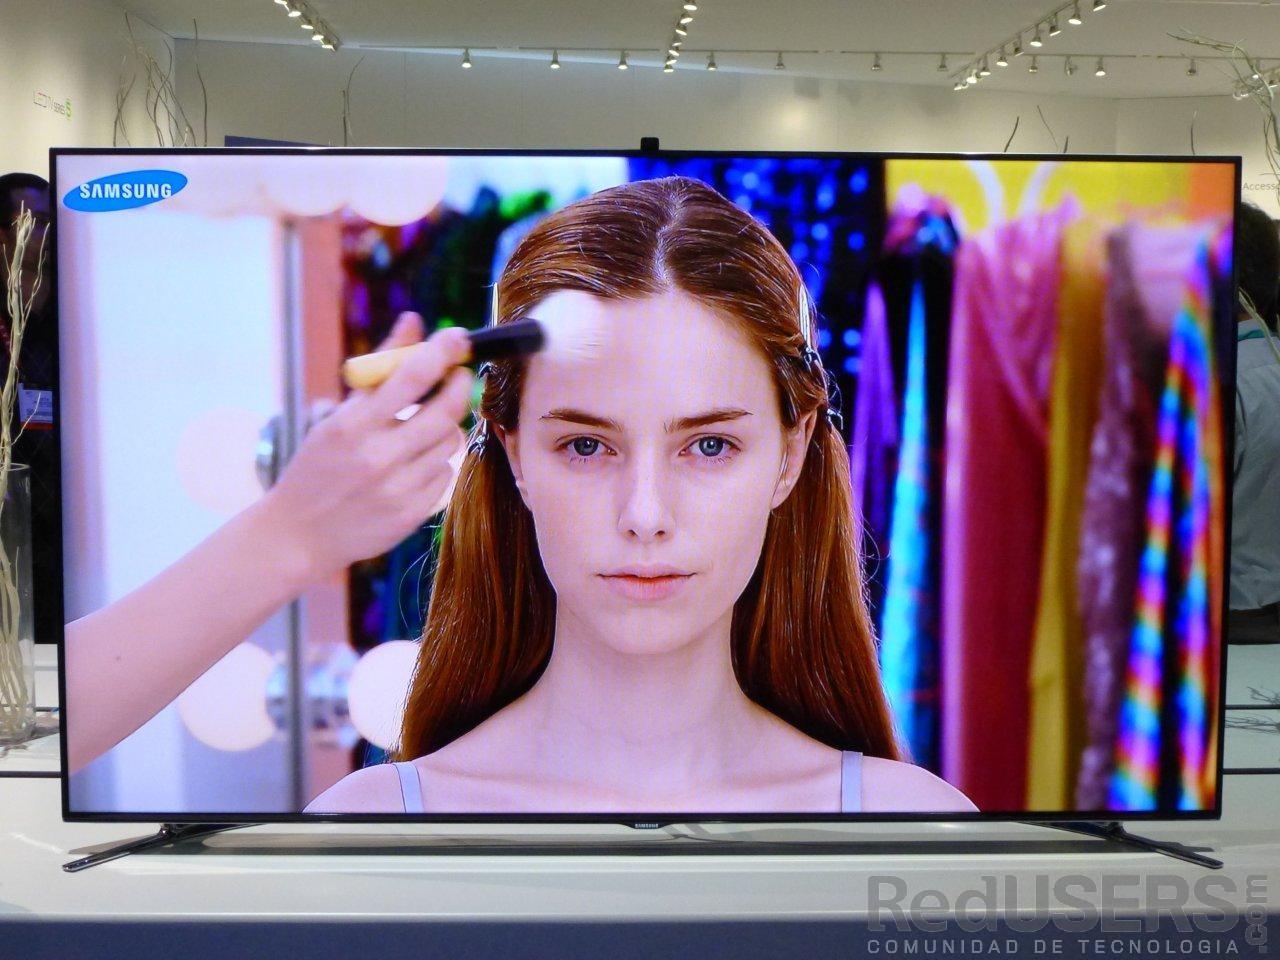 Habrá que acostumbrarse al Ultra HD de los nuevos Smart Tvs